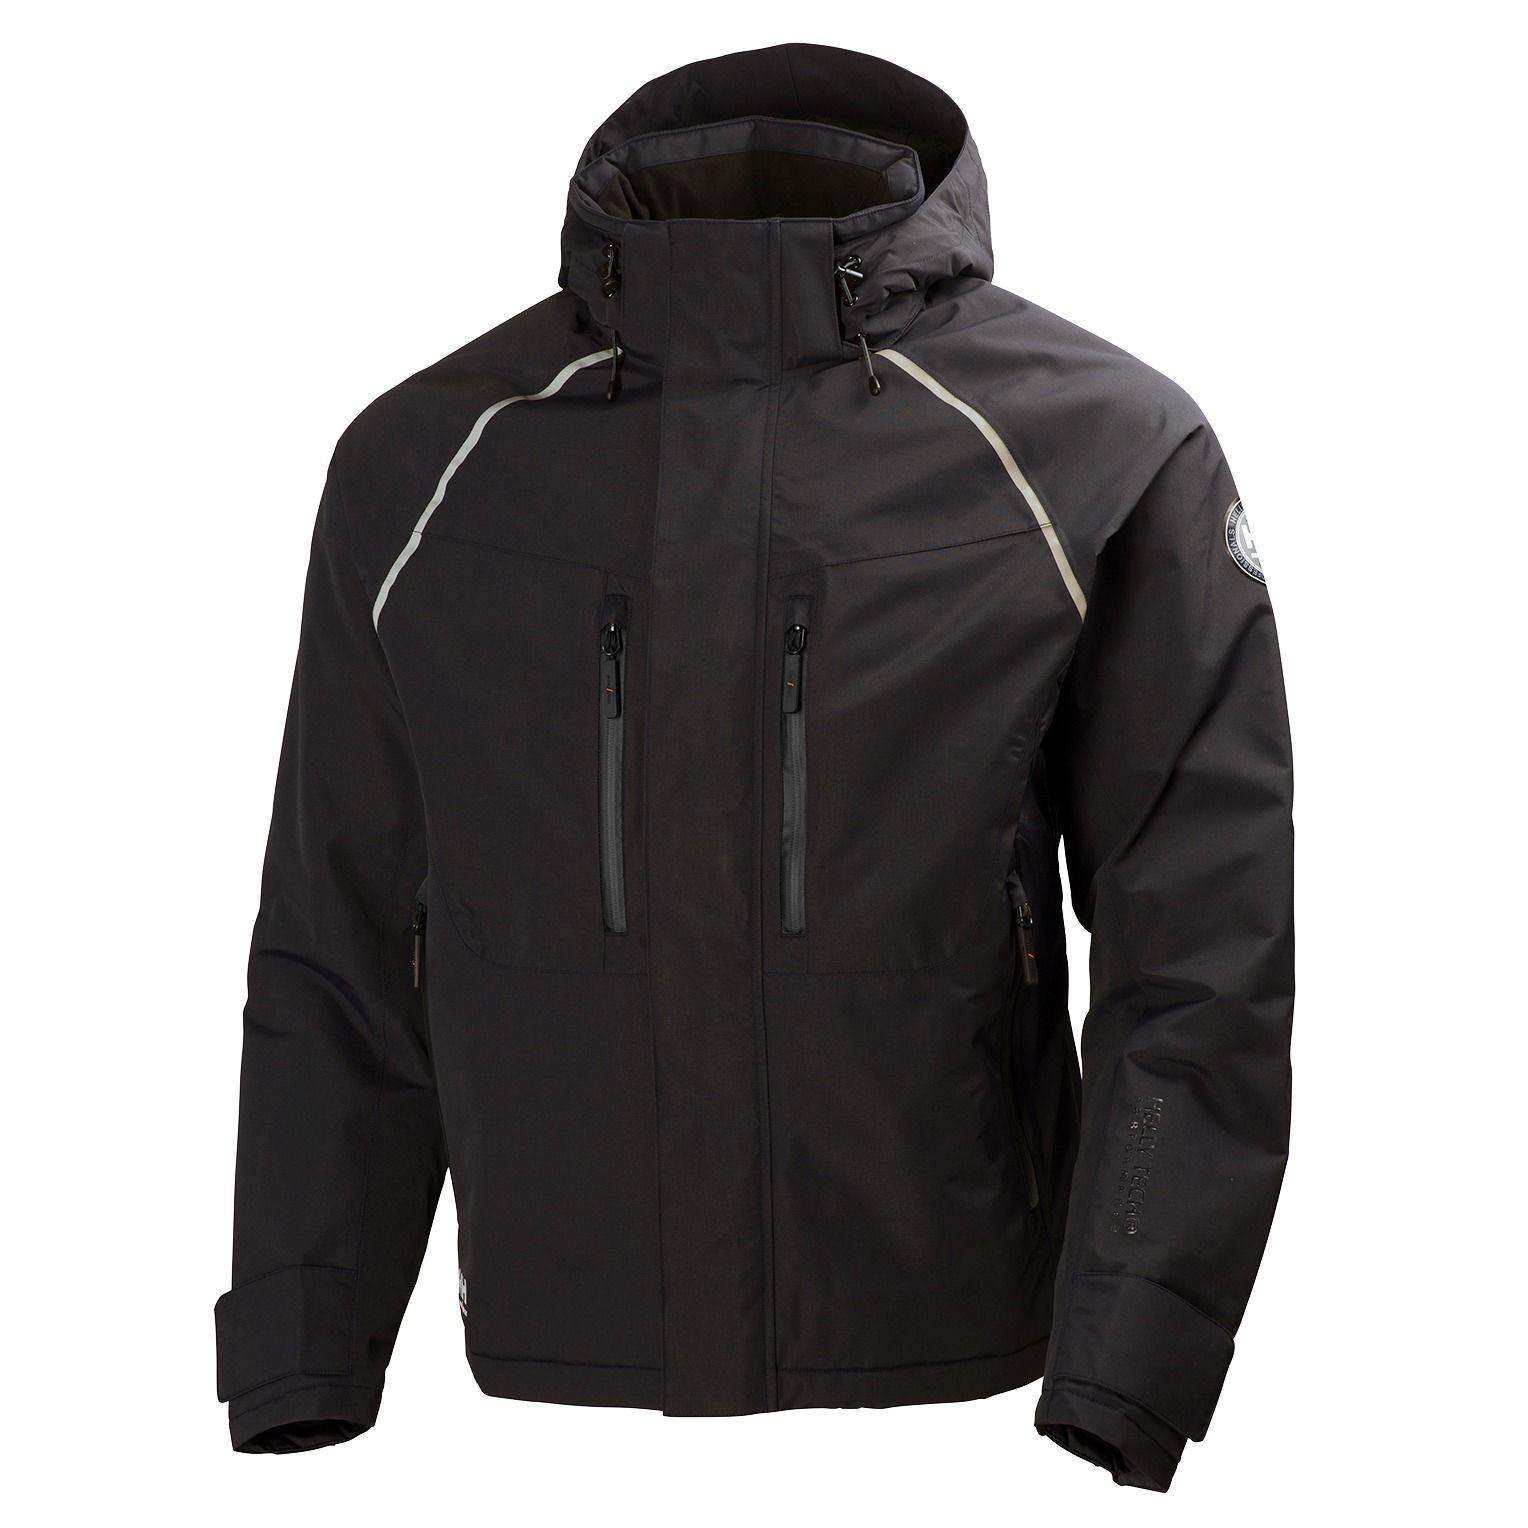 Куртка Helly Hansen Arctic Jacket - 71335 (Black; M)